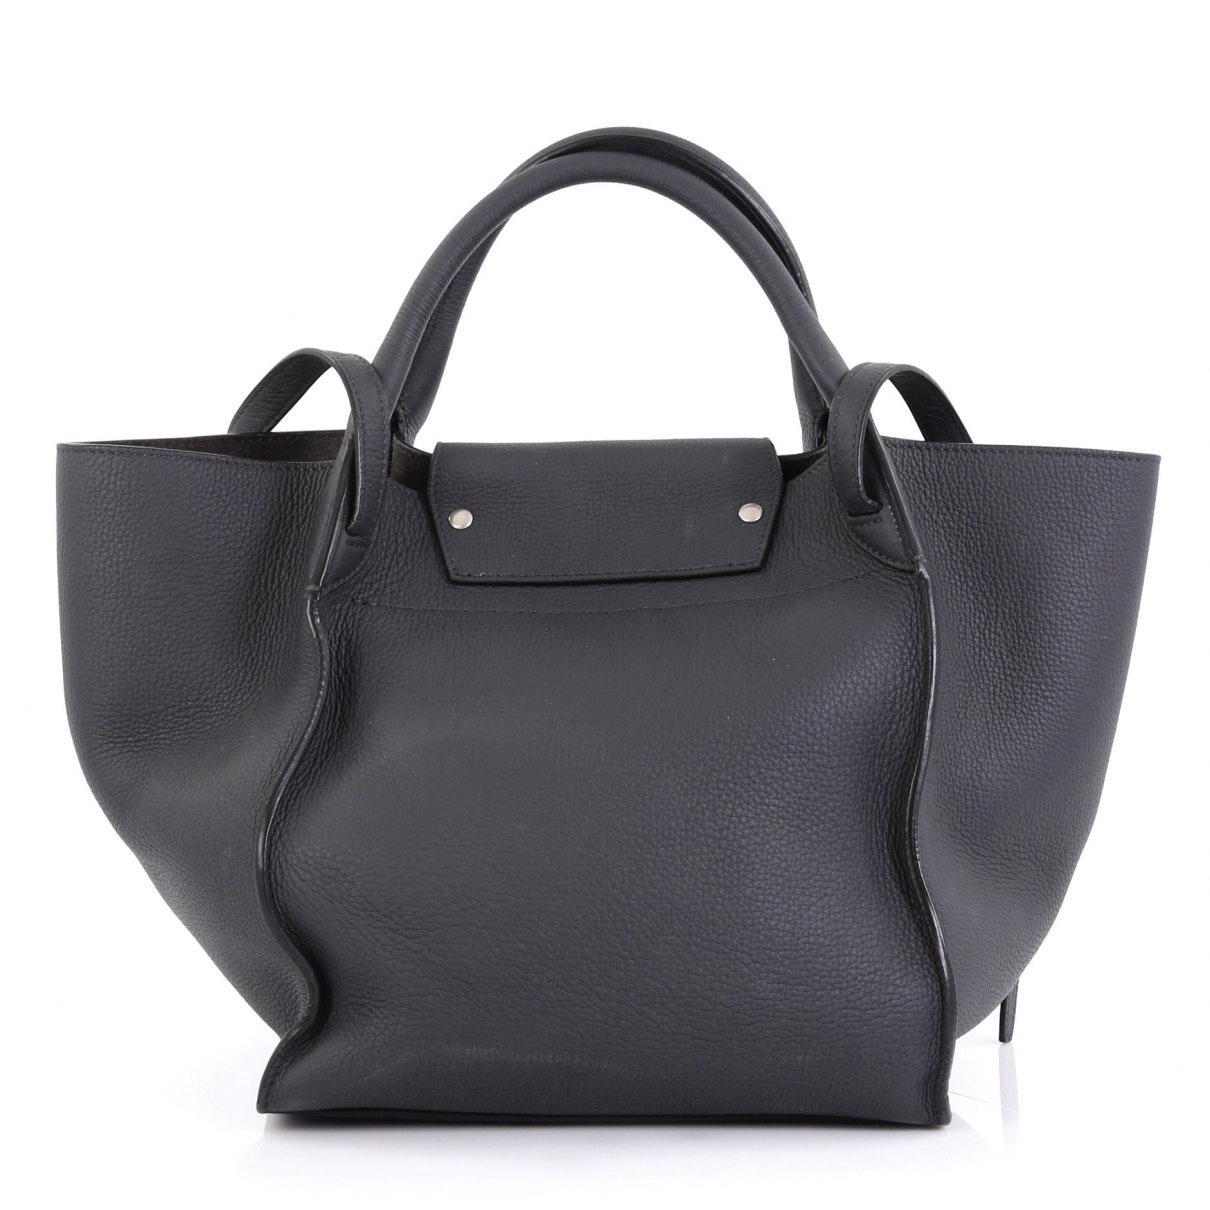 Sac à main Big Bag en Cuir Gris Celine en coloris Noir zWMW